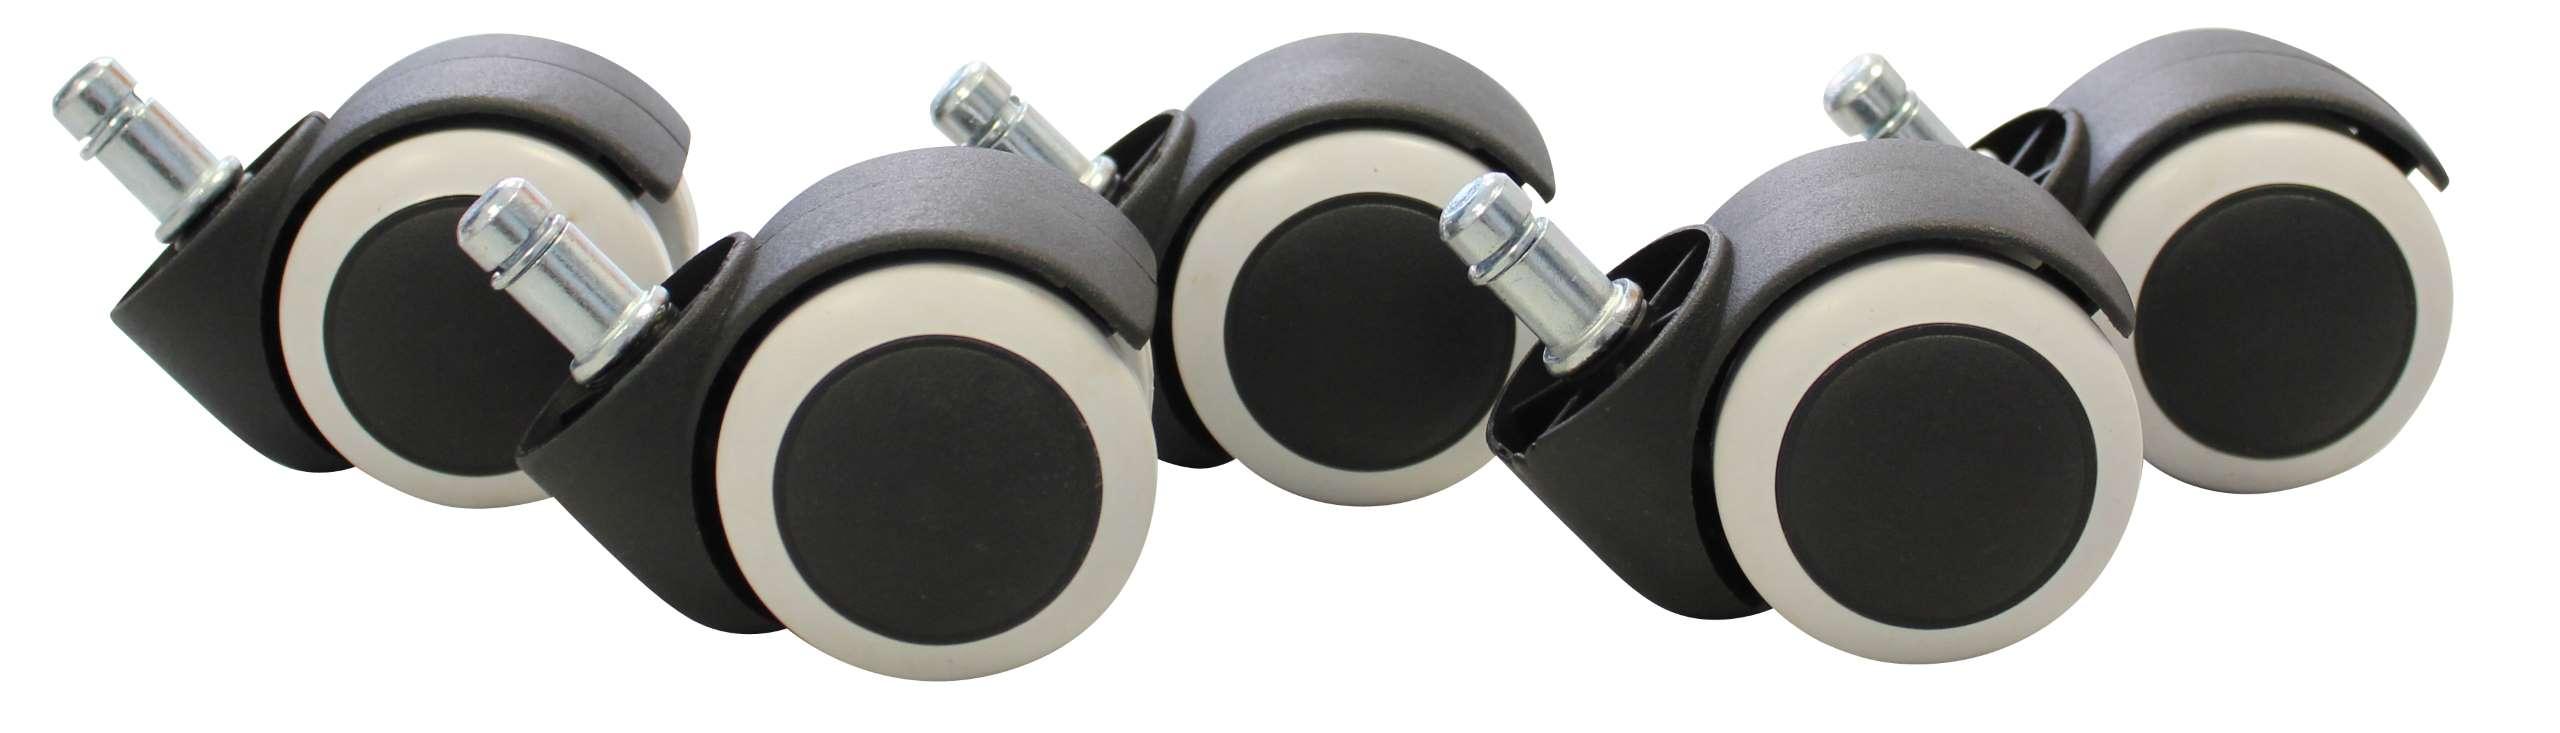 5x Hartbodenrollen A135 Burostuhl Rollen Stuhlrollen 50mm Abriebfest